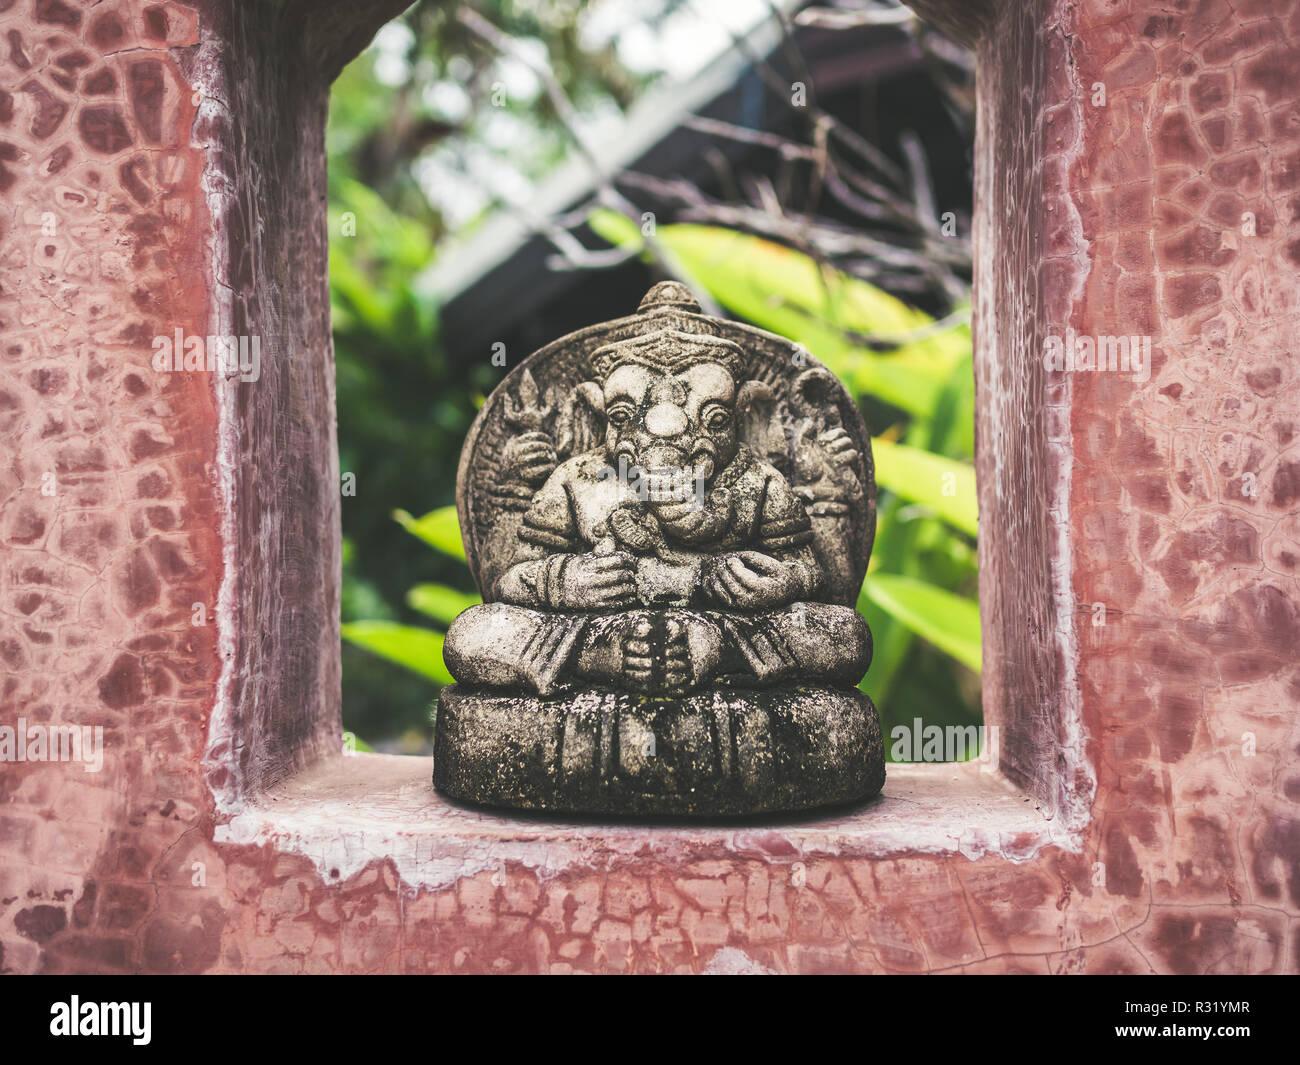 Lord Ganesha Statue At Wall Stock Photos & Lord Ganesha